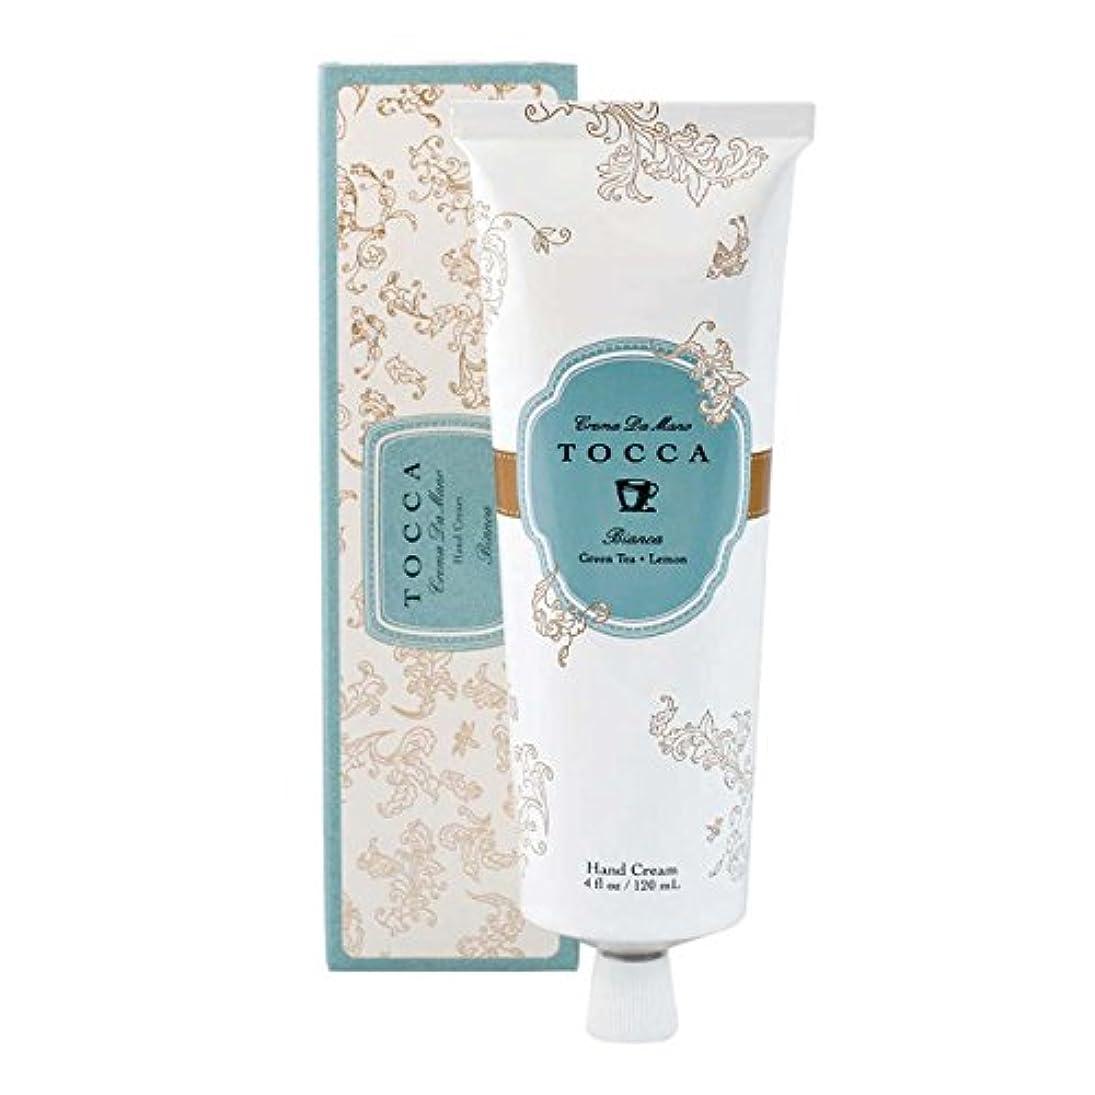 詩クスコ持続するトッカ(TOCCA) ハンドクリーム ビアンカの香り 120ml